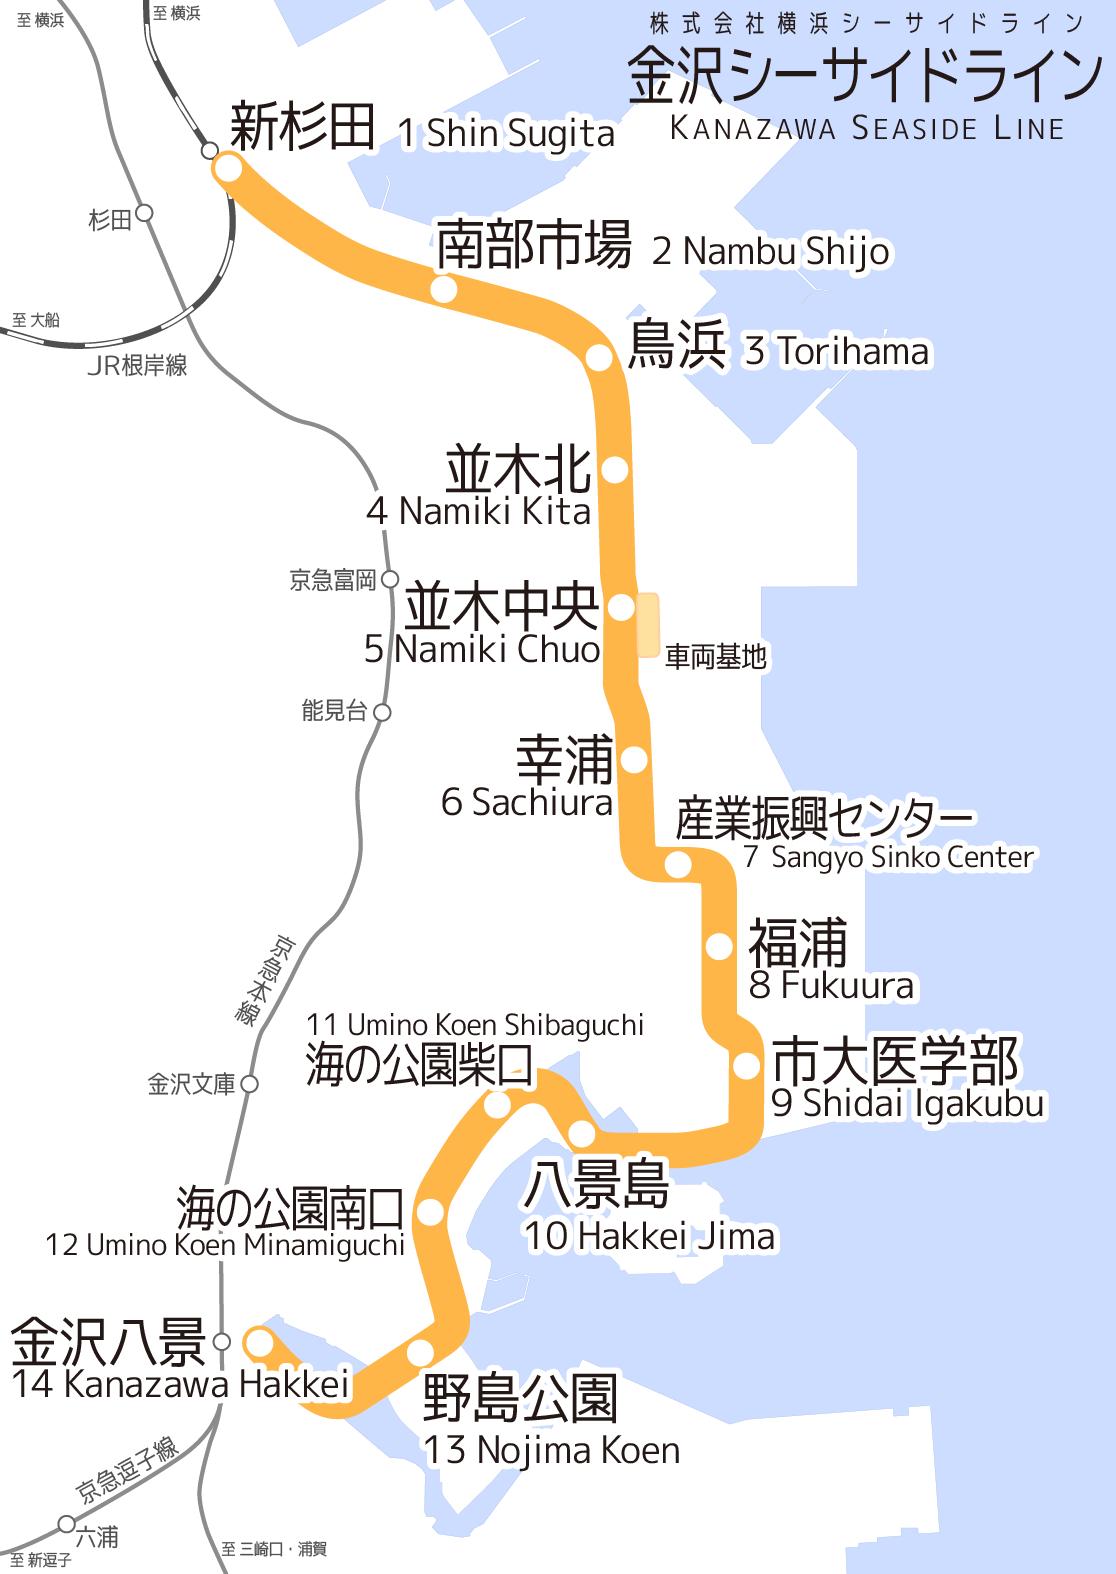 「新杉田駅」の路線バス   -